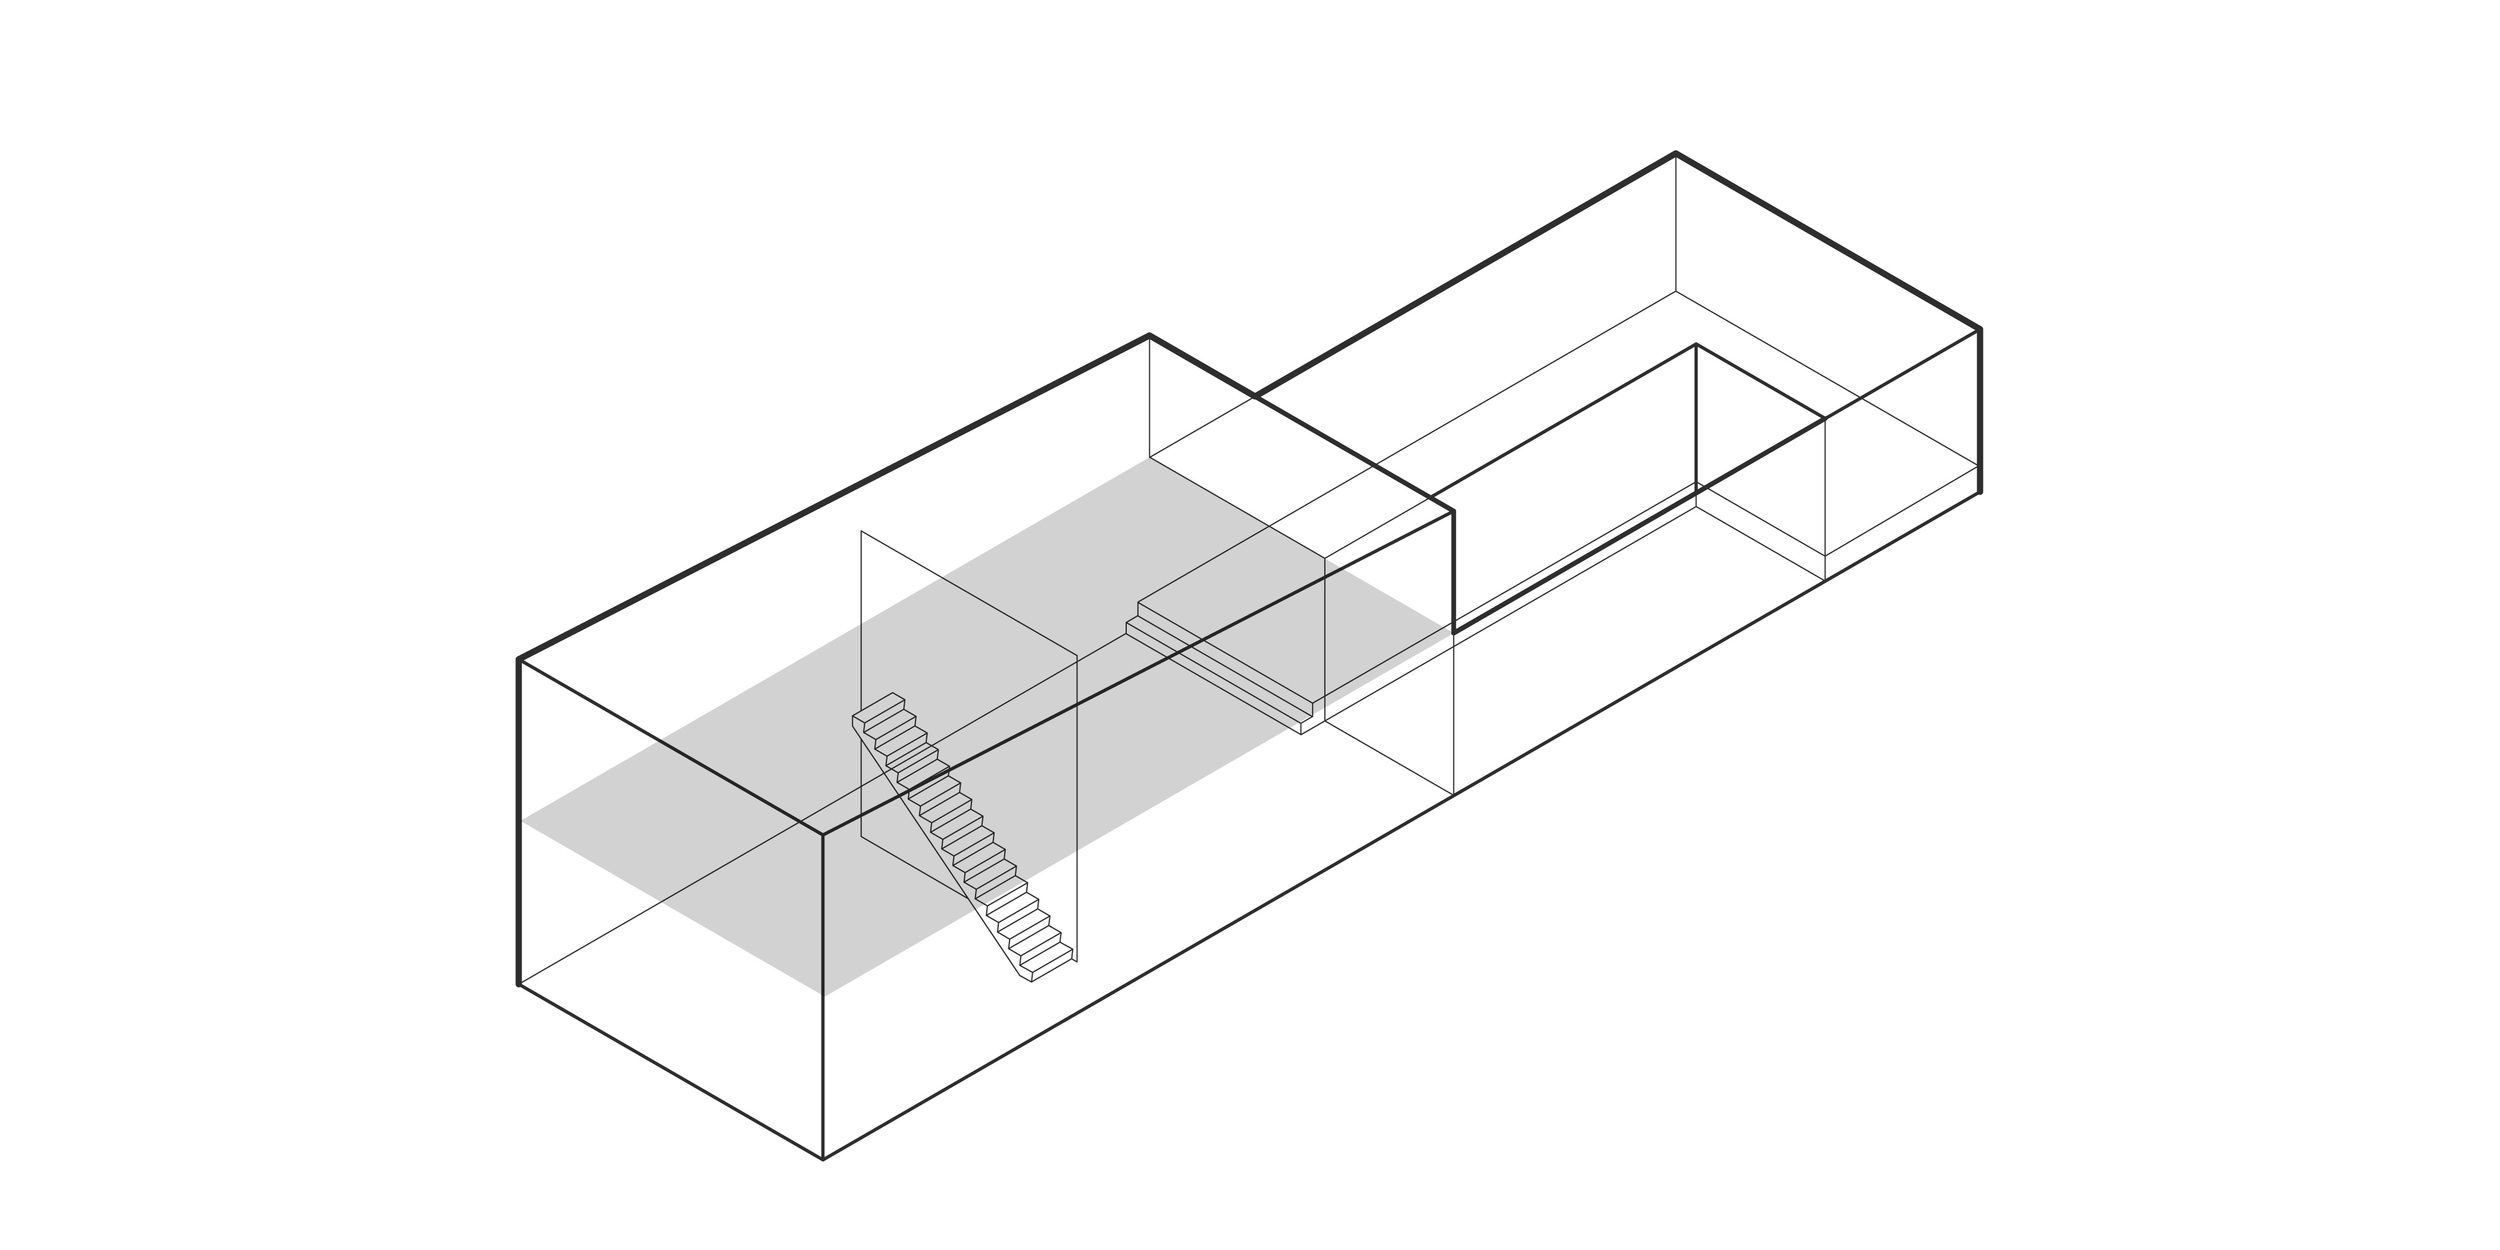 307_3rd-SD-160413-Diagram-07-01.jpg